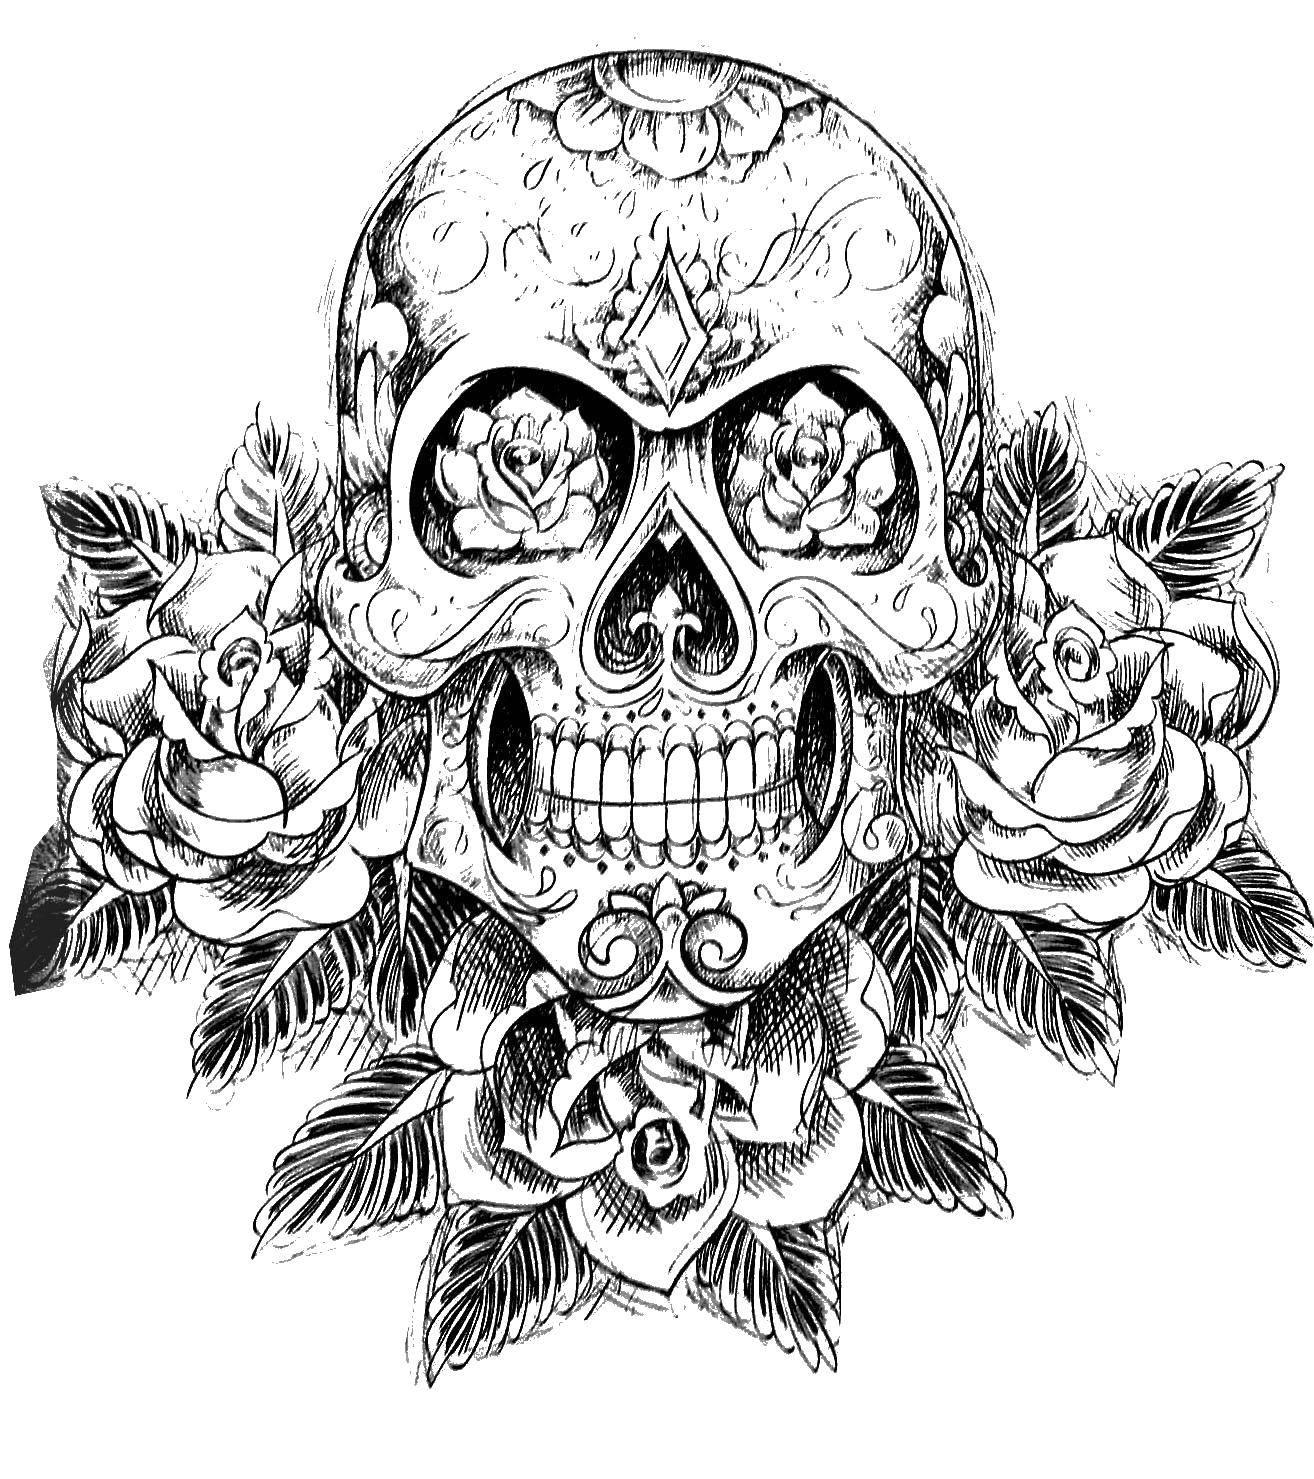 Название: Раскраска Череп в цветах. Категория: Череп. Теги: череп, узоры, цветы.